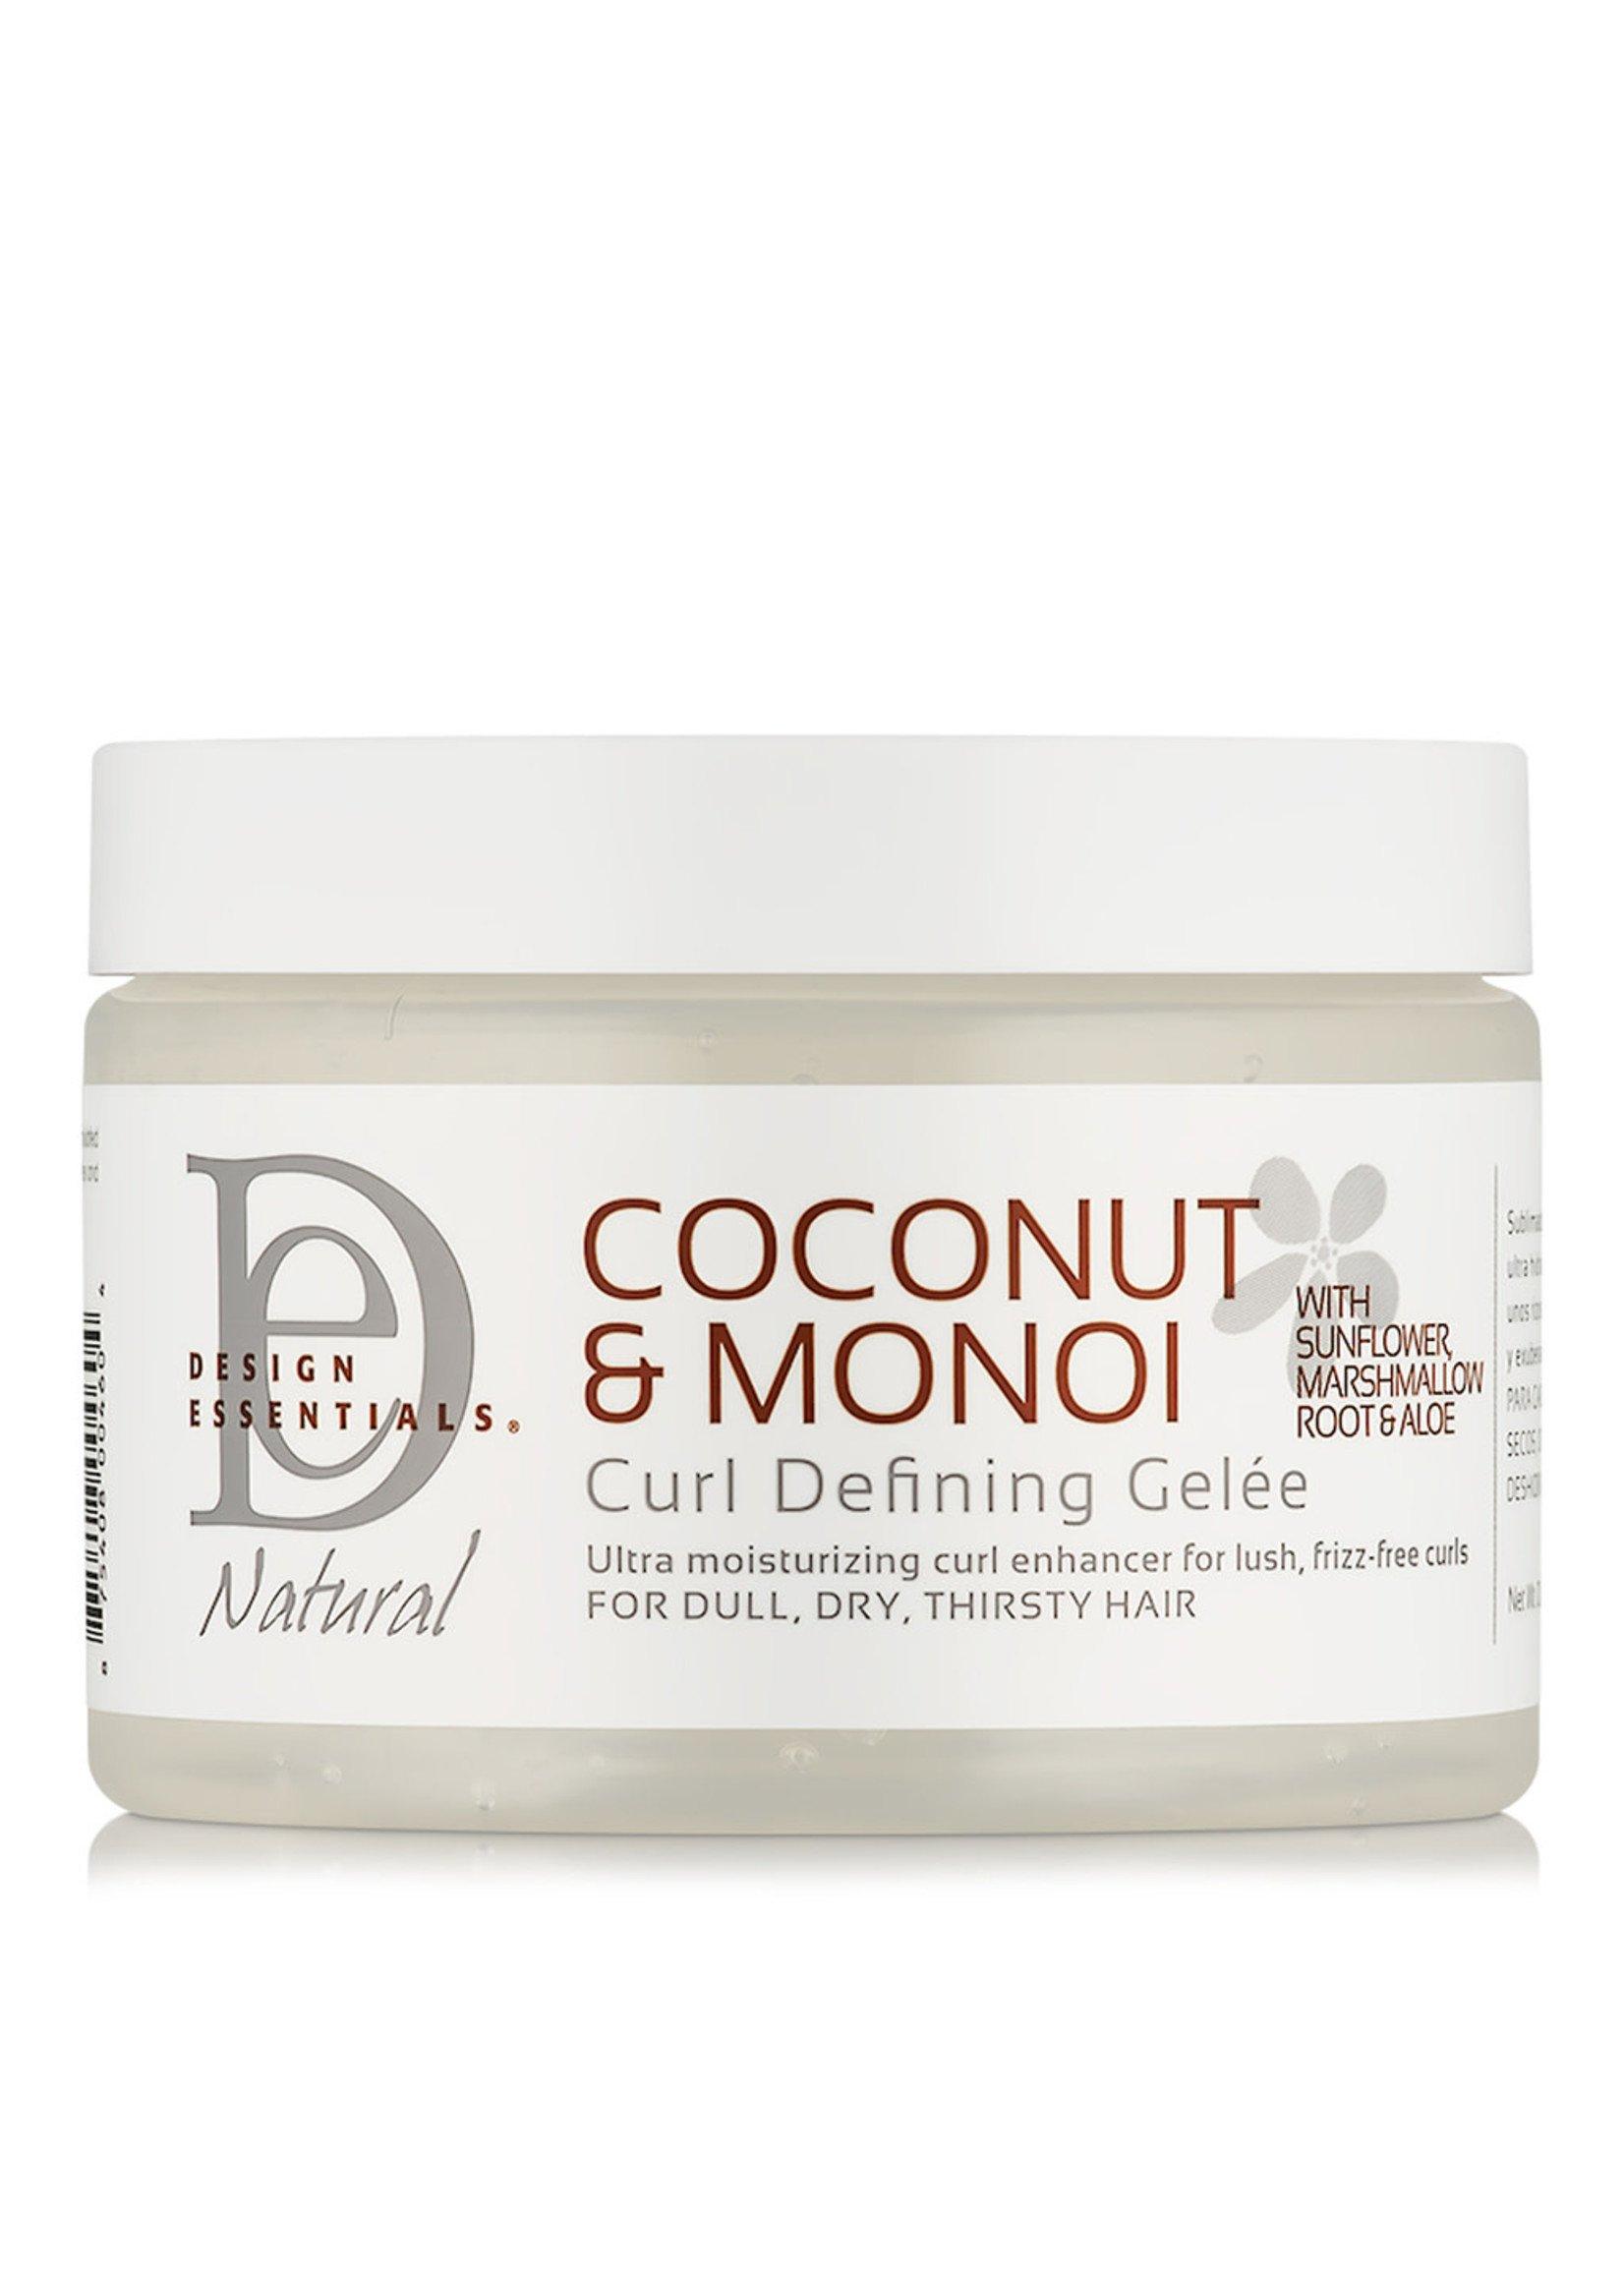 Design Essentials Natural Coconut & Monoi Curl Defining Gelee 12oz